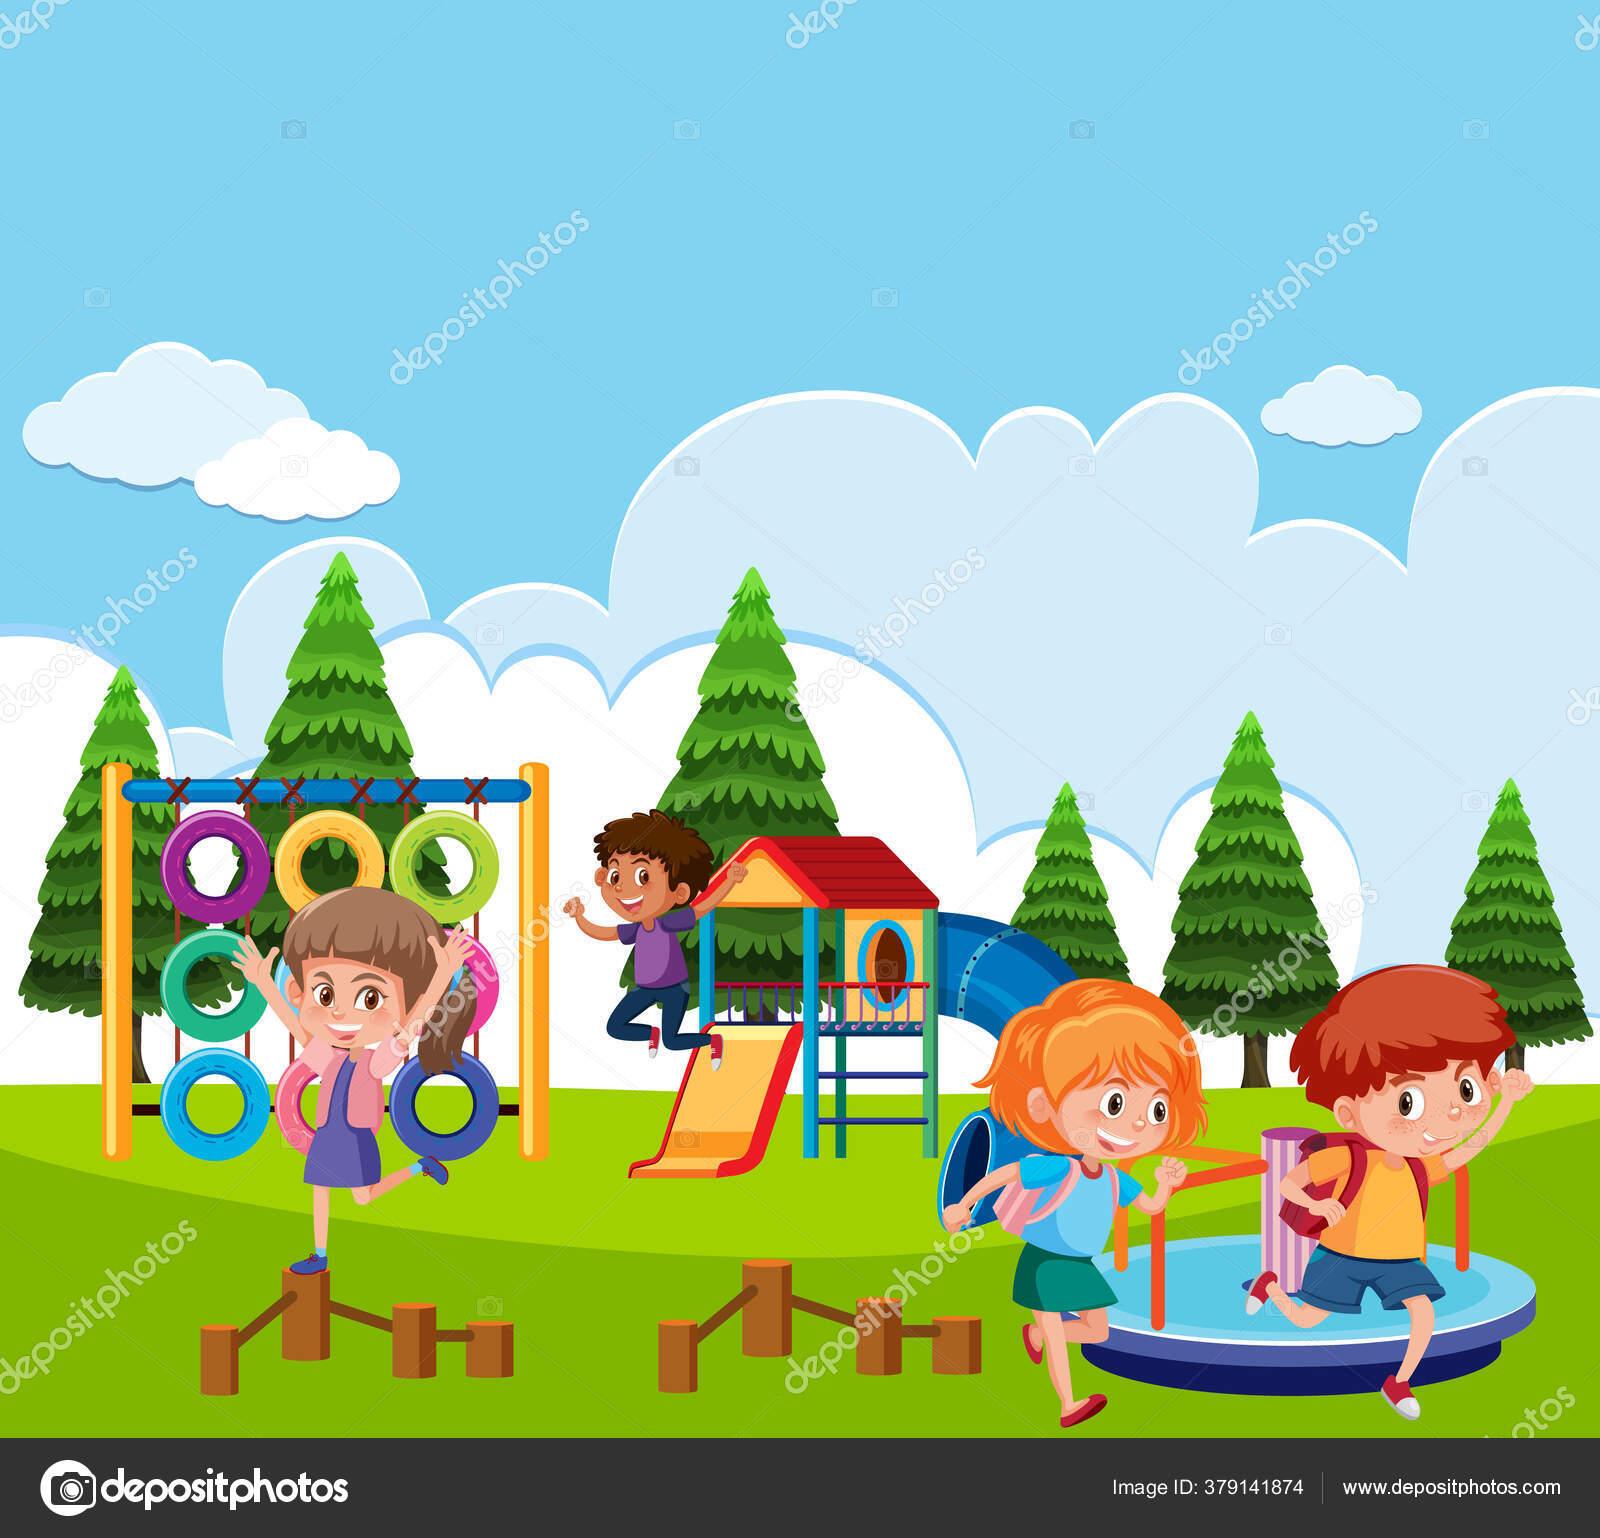 Gambar Ilustrasi Taman Bermain Adegan Dengan Anak Anak Bermain Taman Ilustrasi Stok Vektor